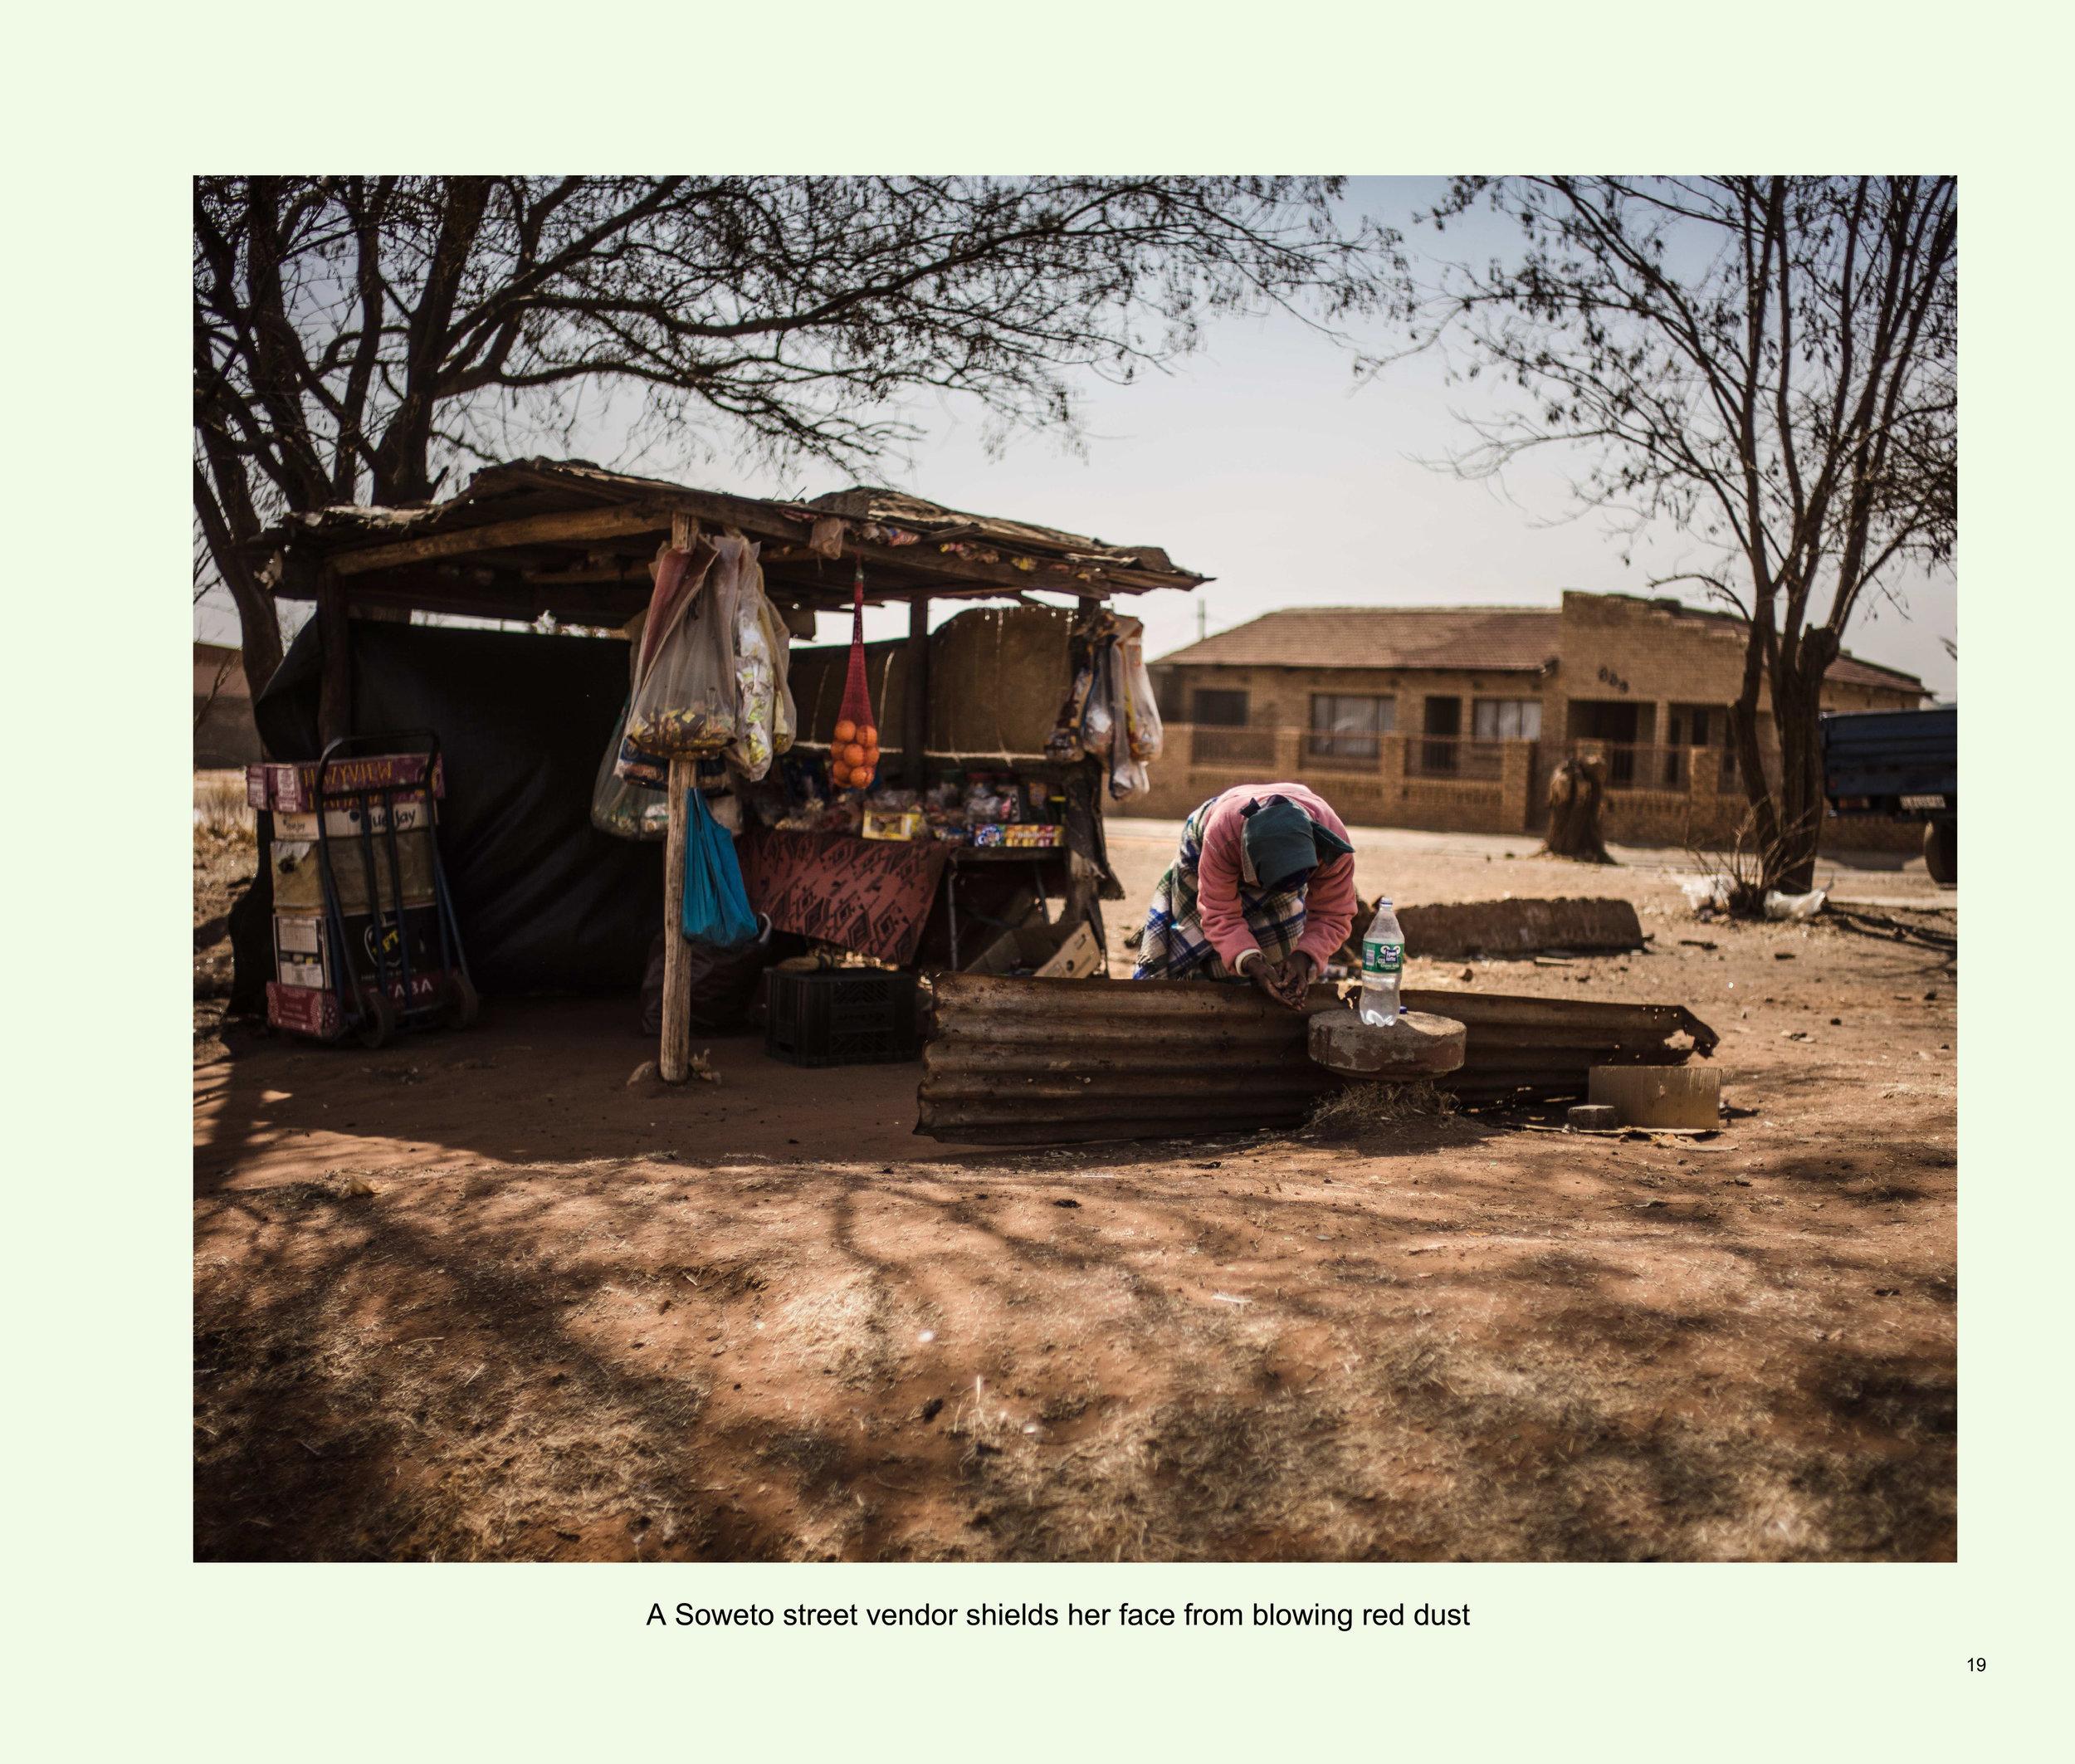 ImagesASouthernAfricaRoadTrip-21.jpg